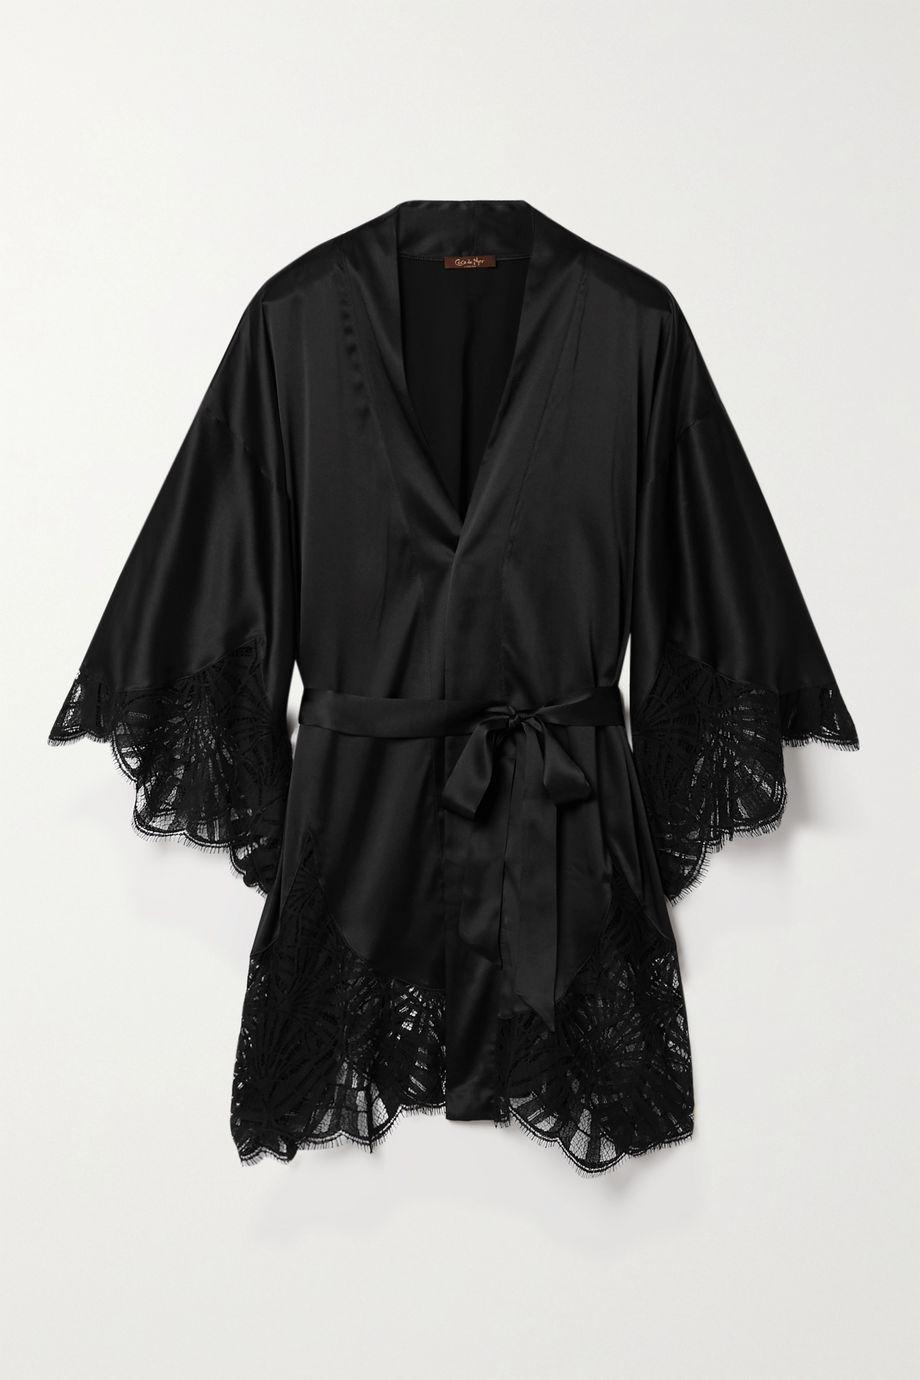 Coco de Mer Fuji lace-trimmed satin robe